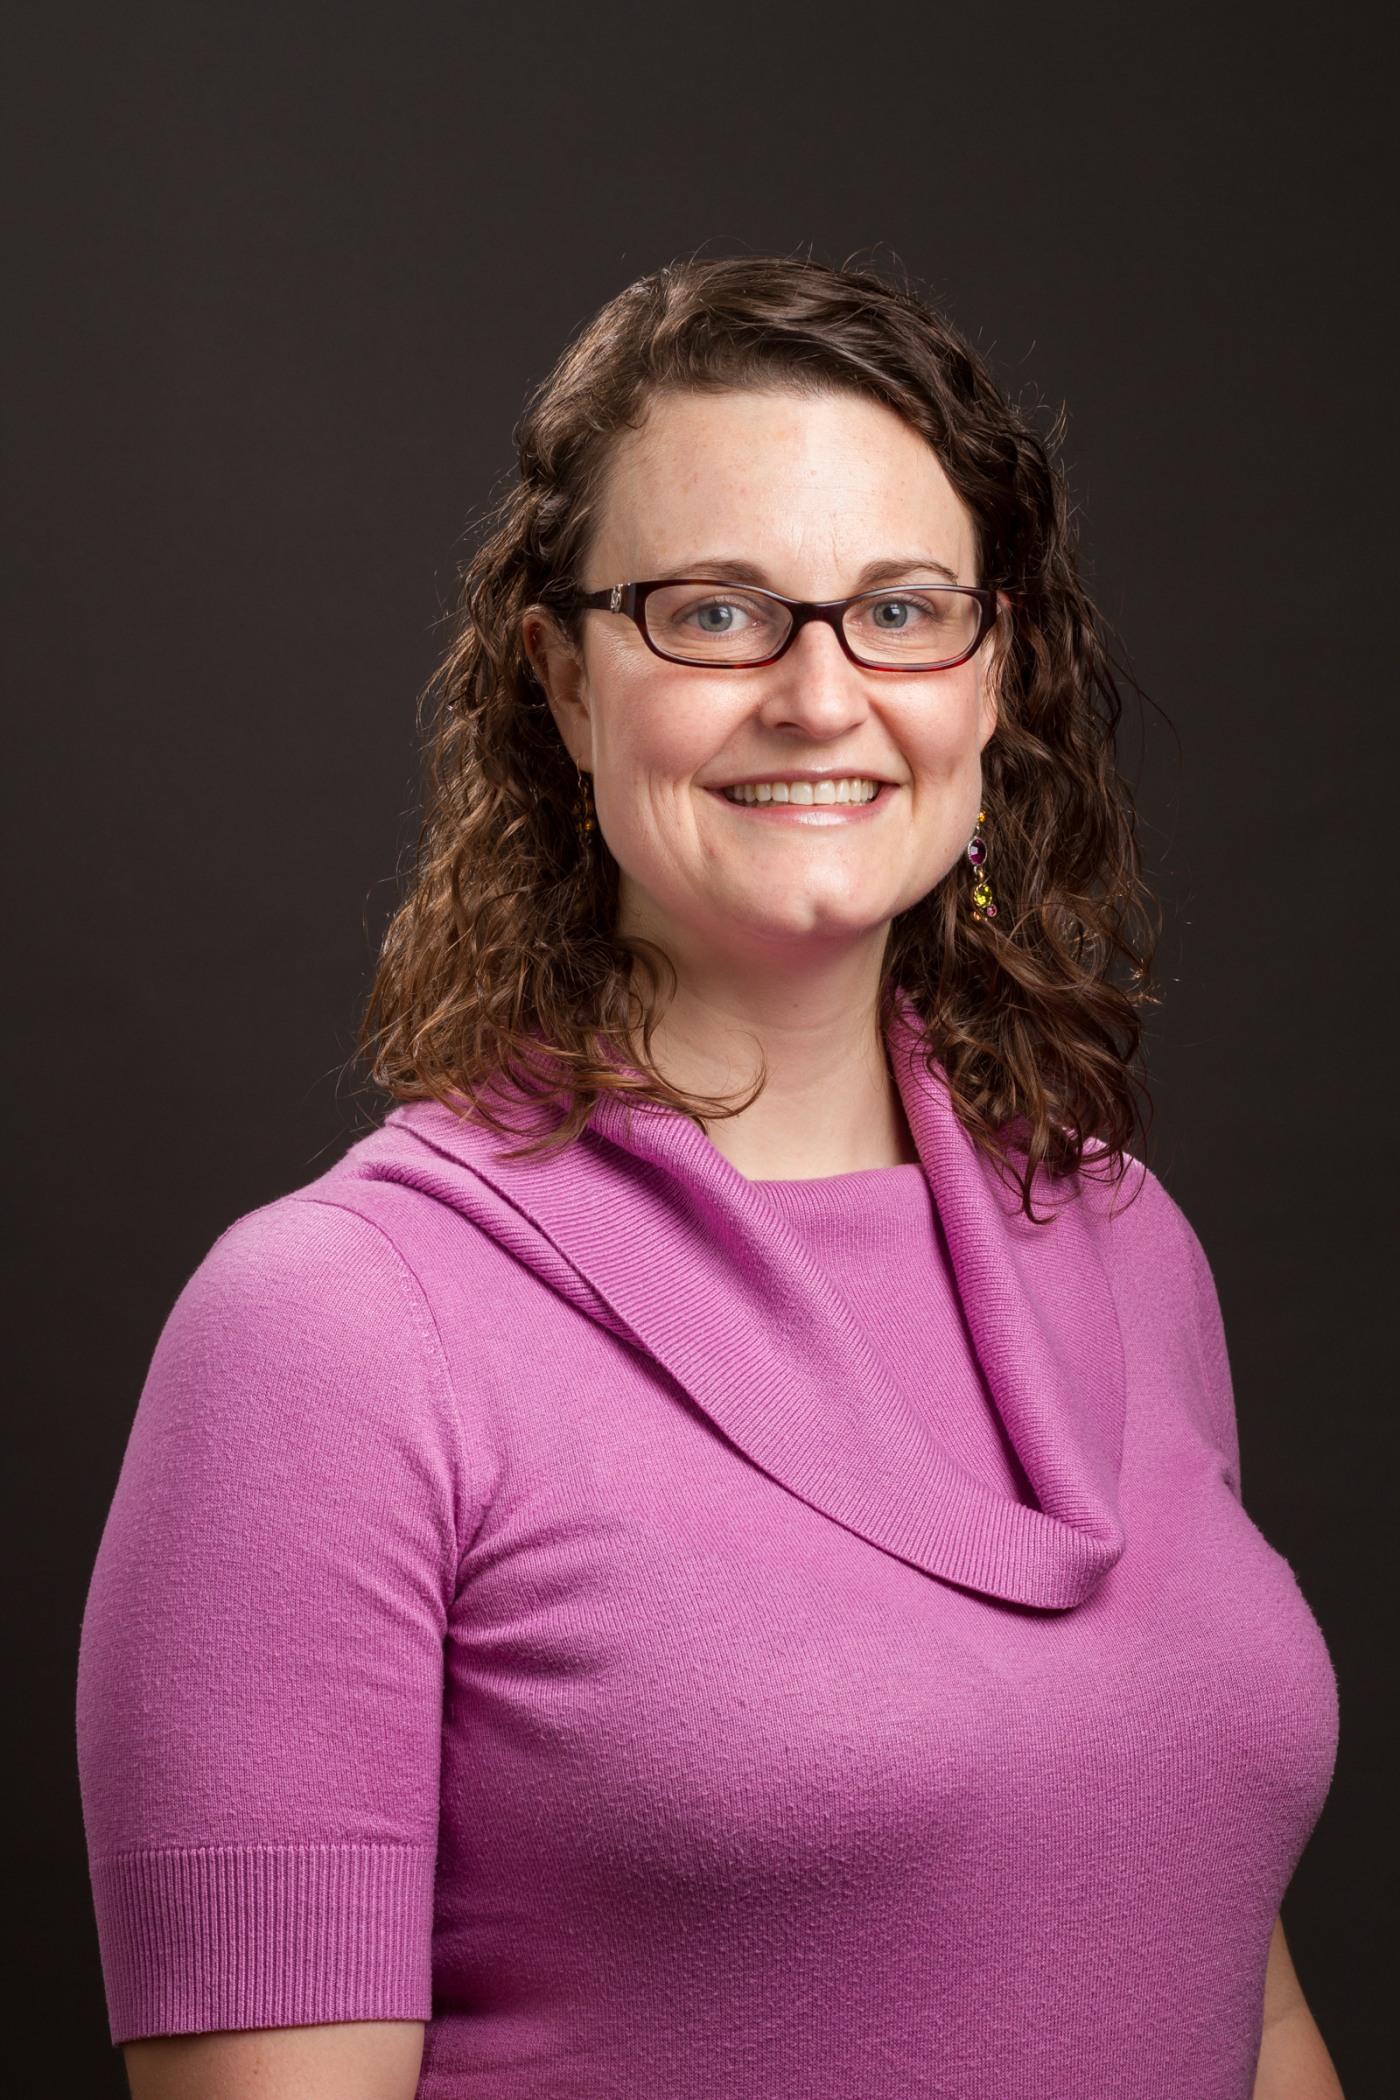 Dr. Sarah Mougalian